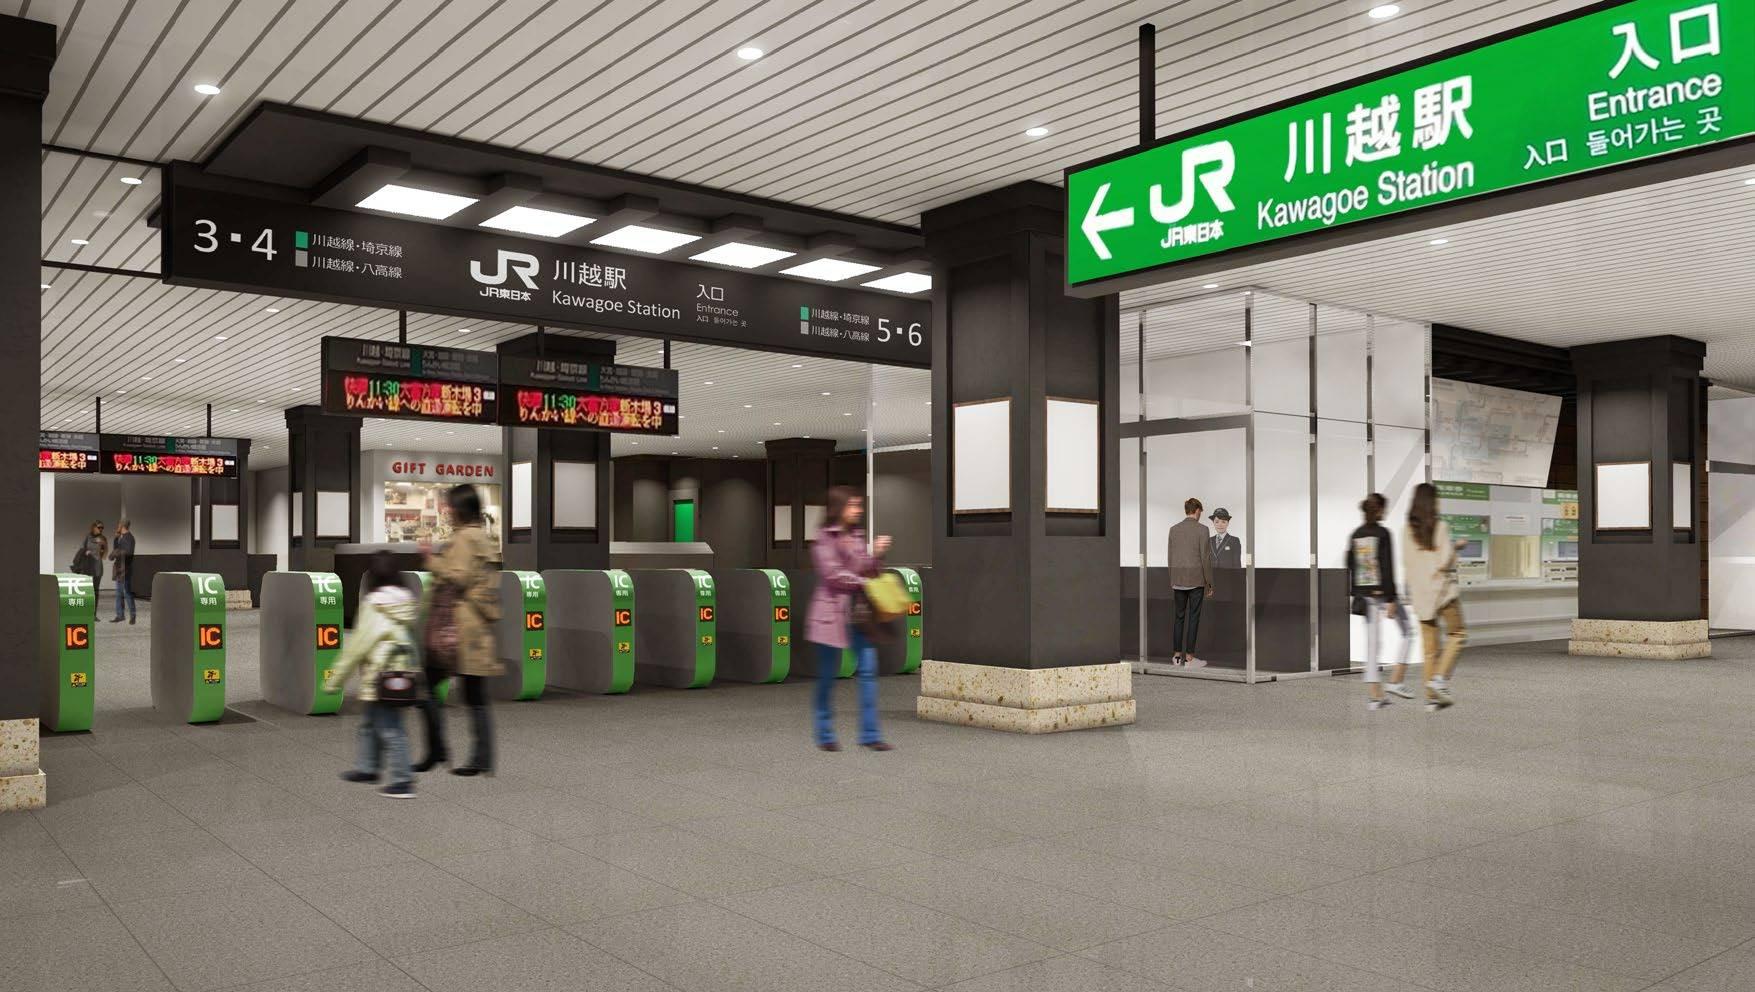 改良後の川越駅改札口(イメージ)